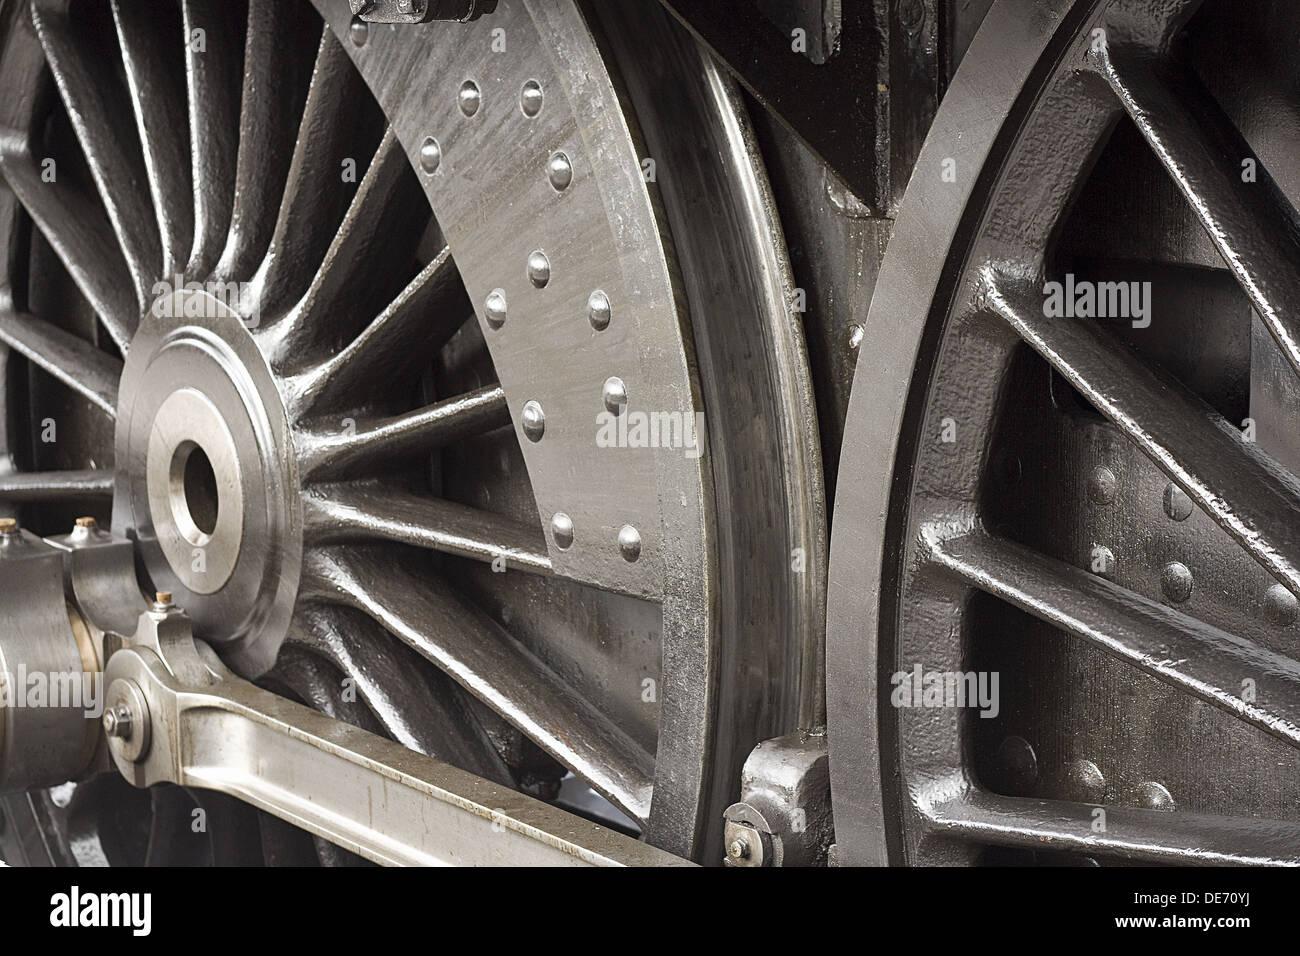 Treno a vapore ruote close up shot di dettaglio del telaio o di marcia Immagini Stock